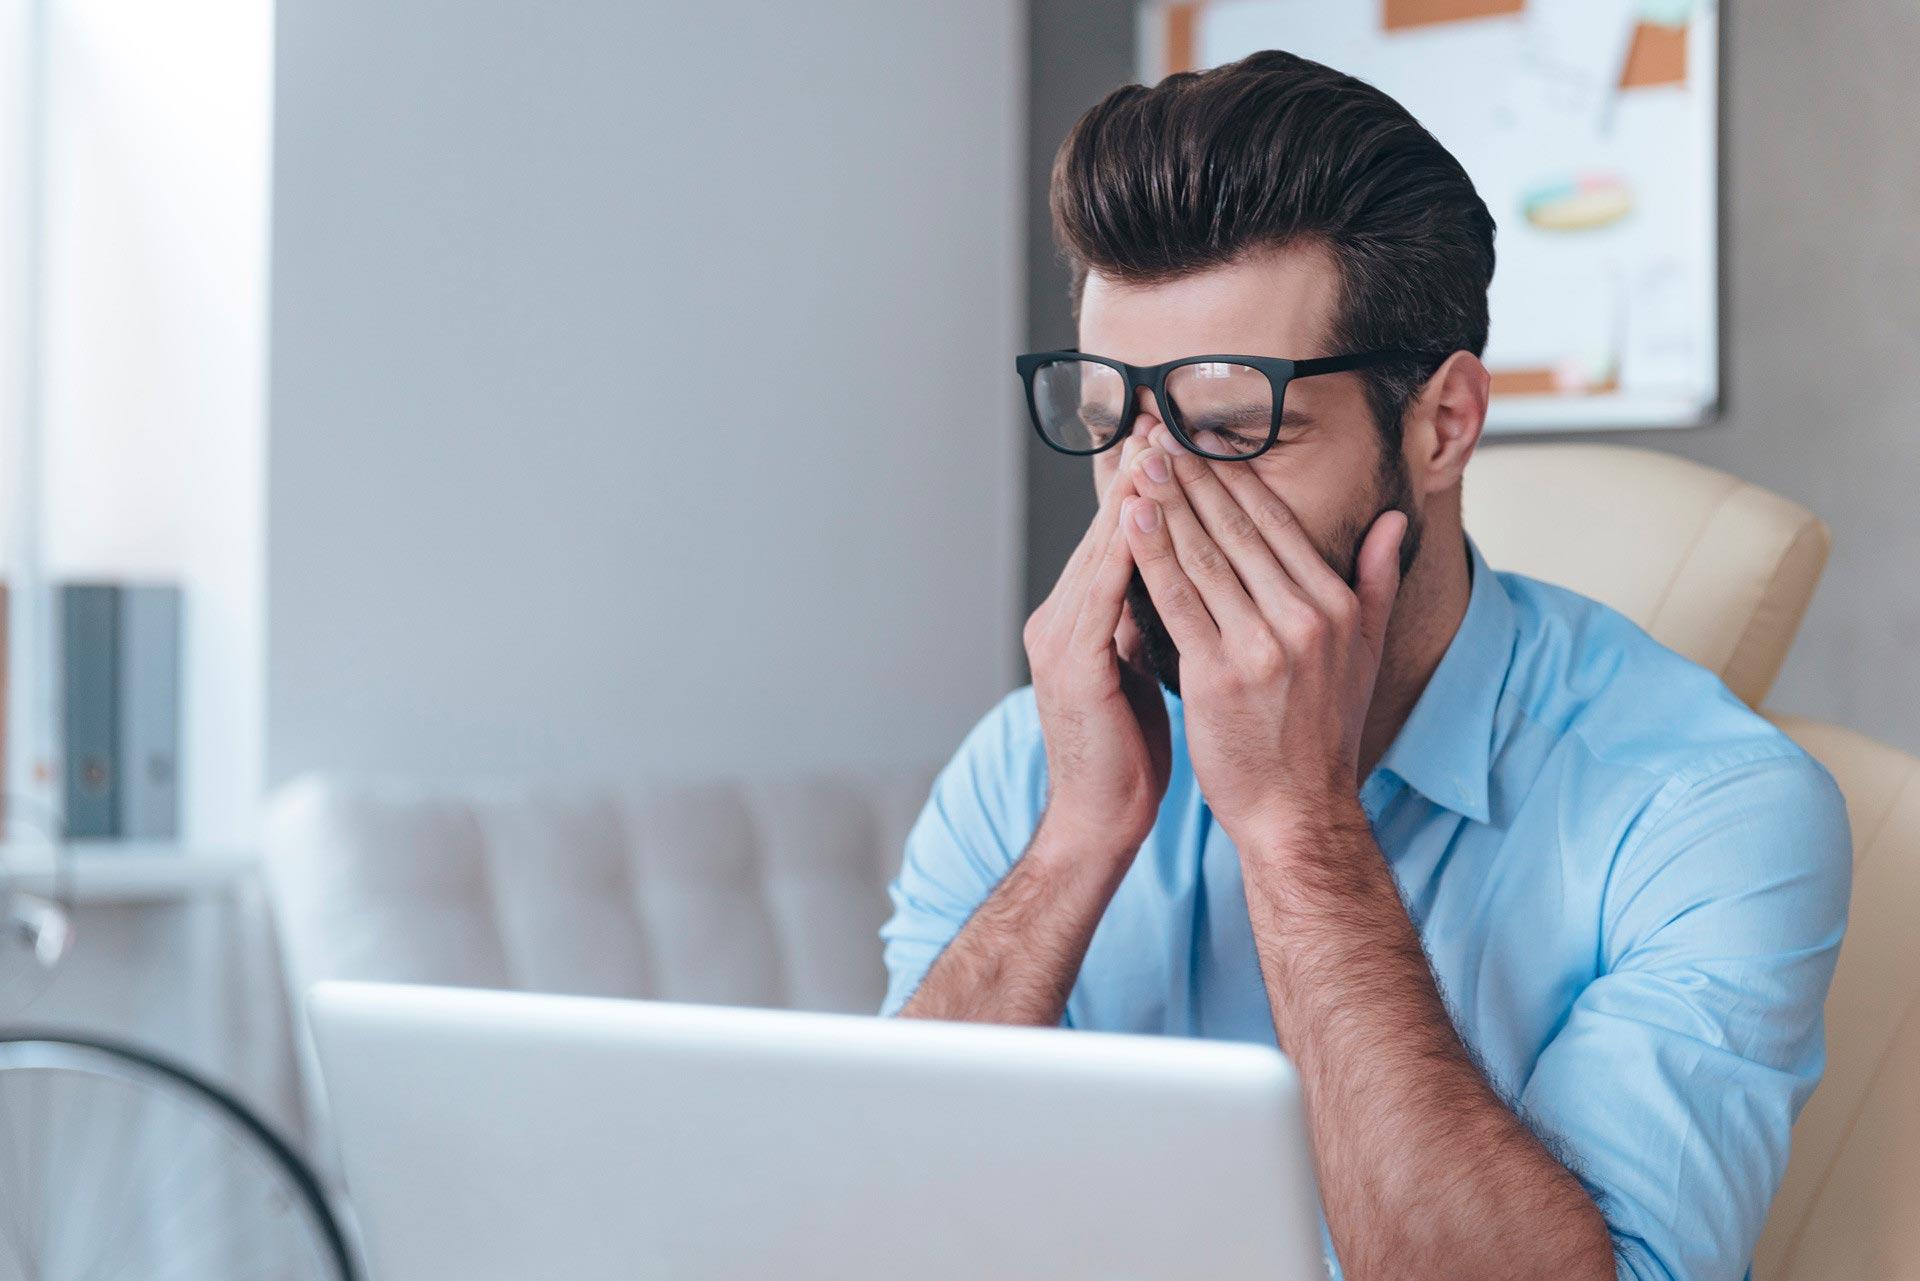 Компьютерный зрительный синдром   Медицинский центр Оптика